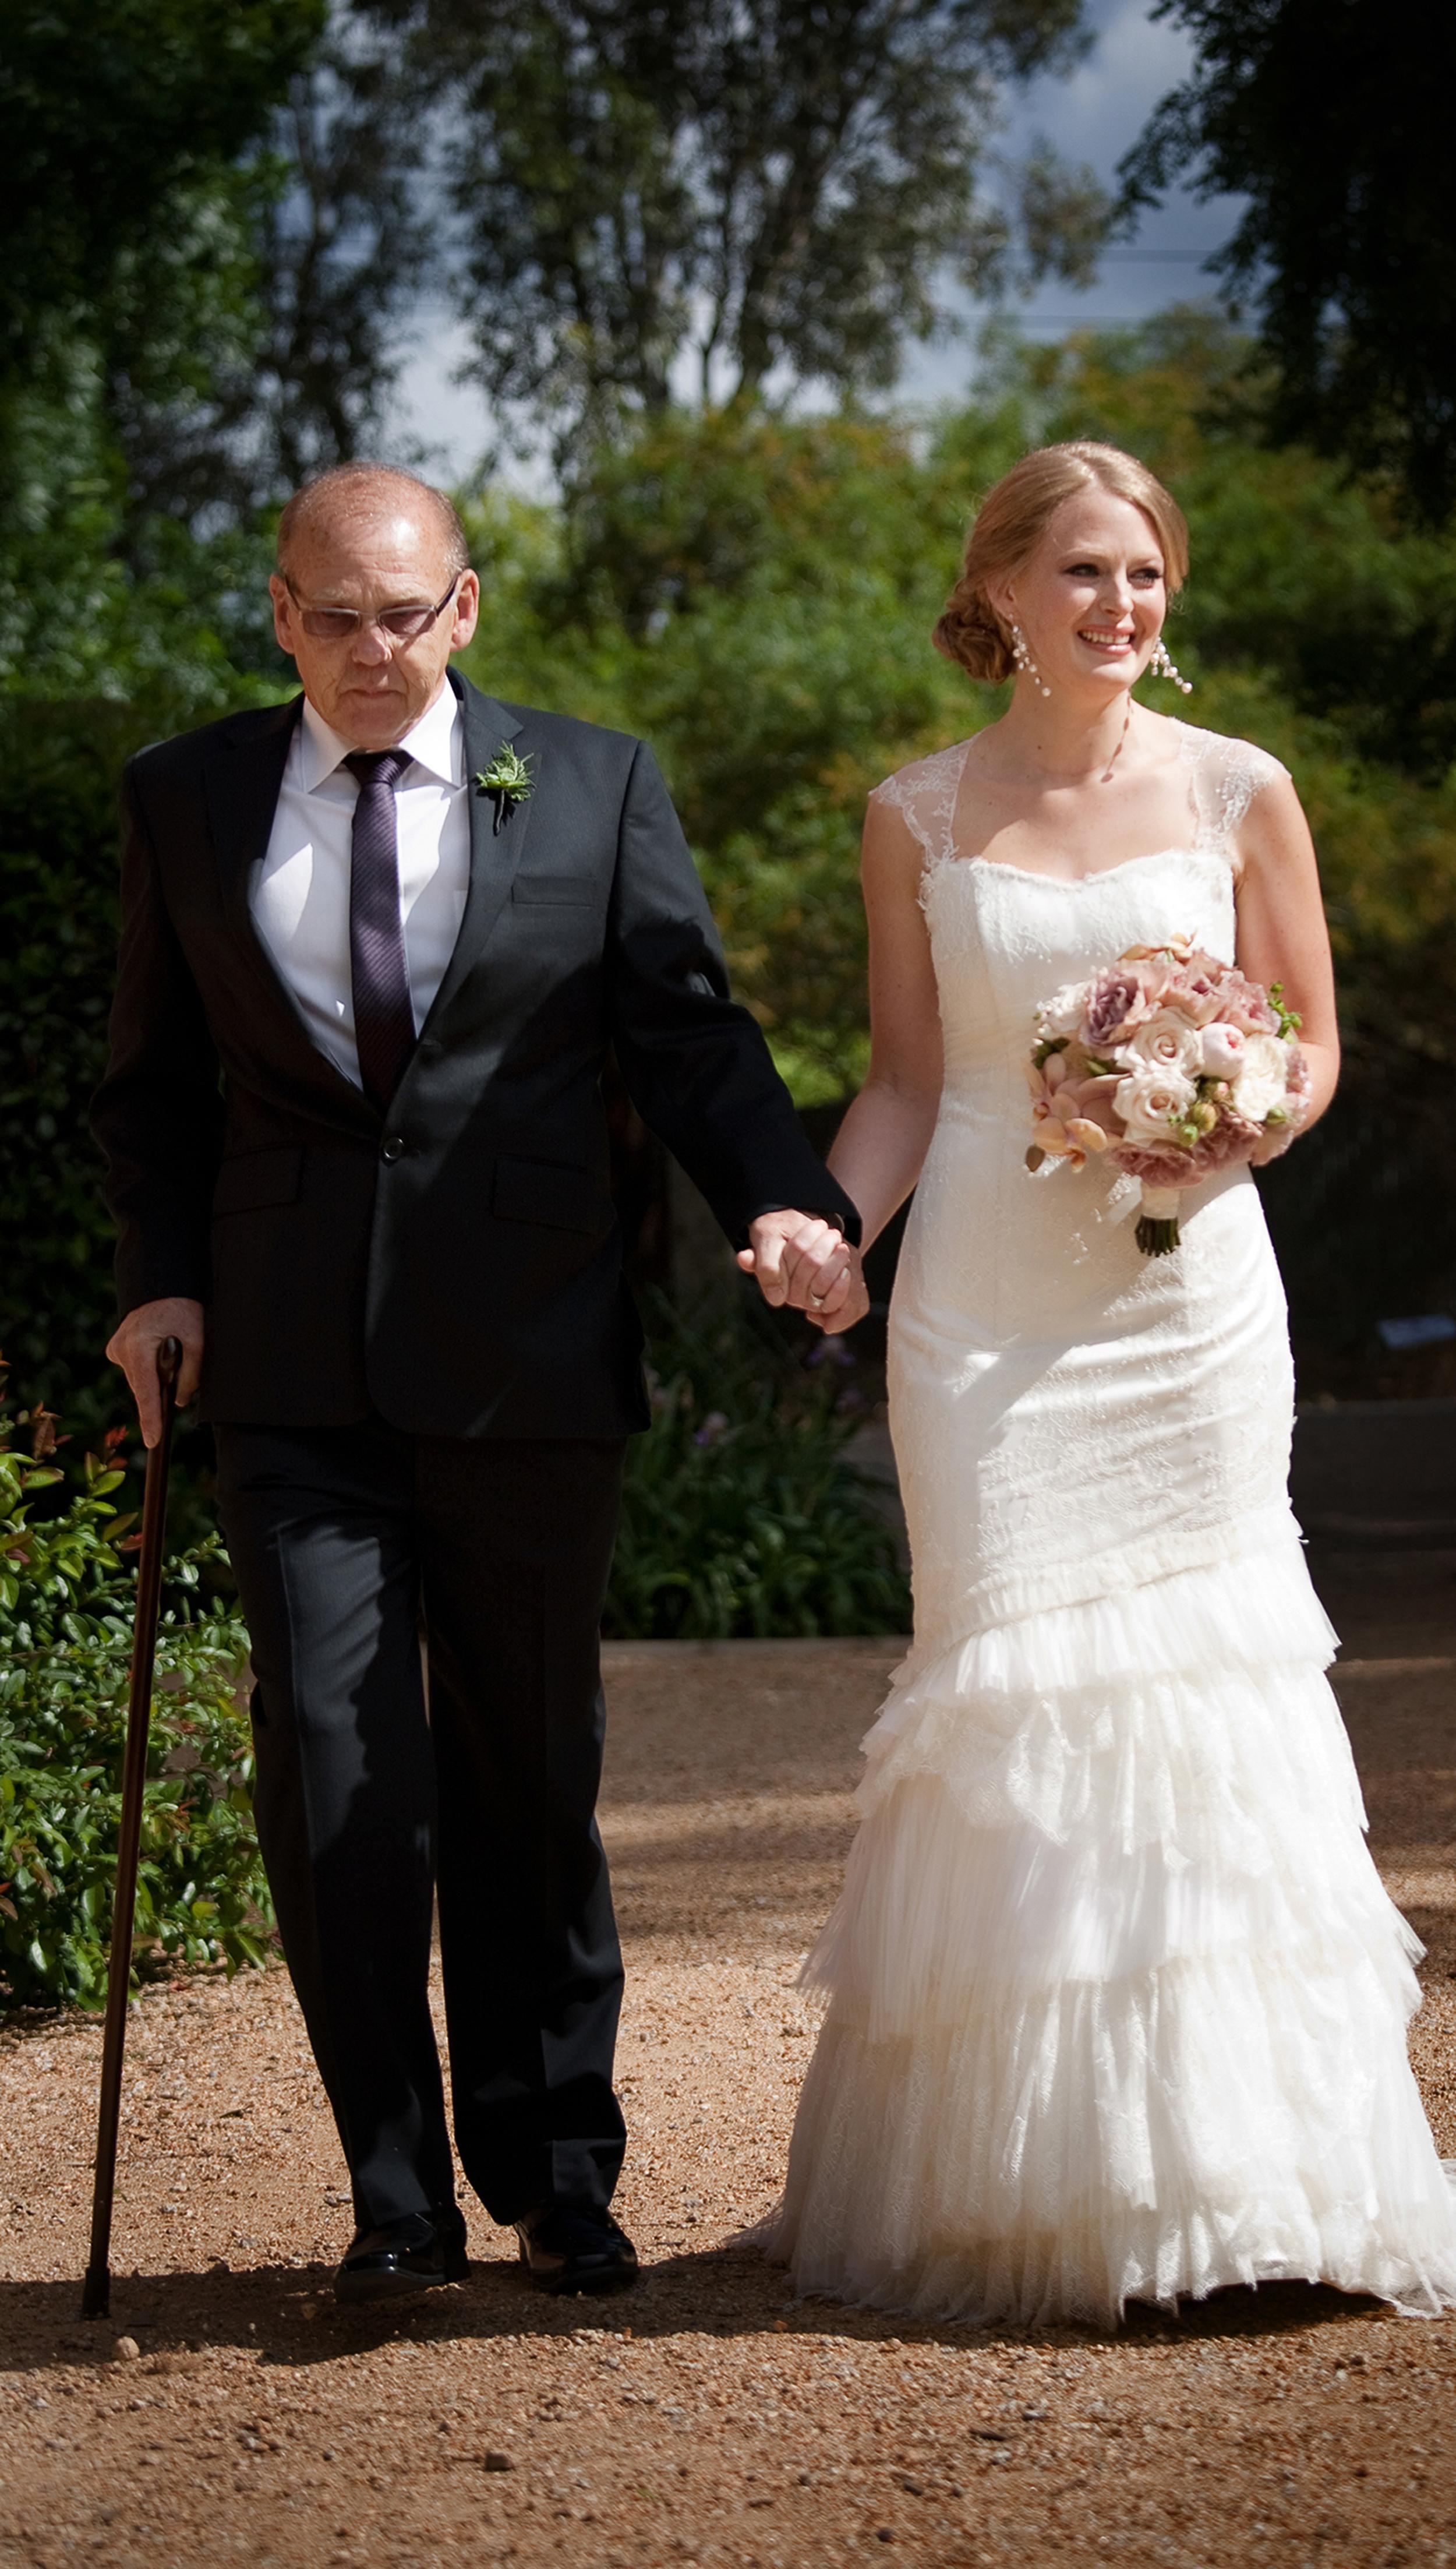 euroa_butter_factory_wedding_photography_62.jpg